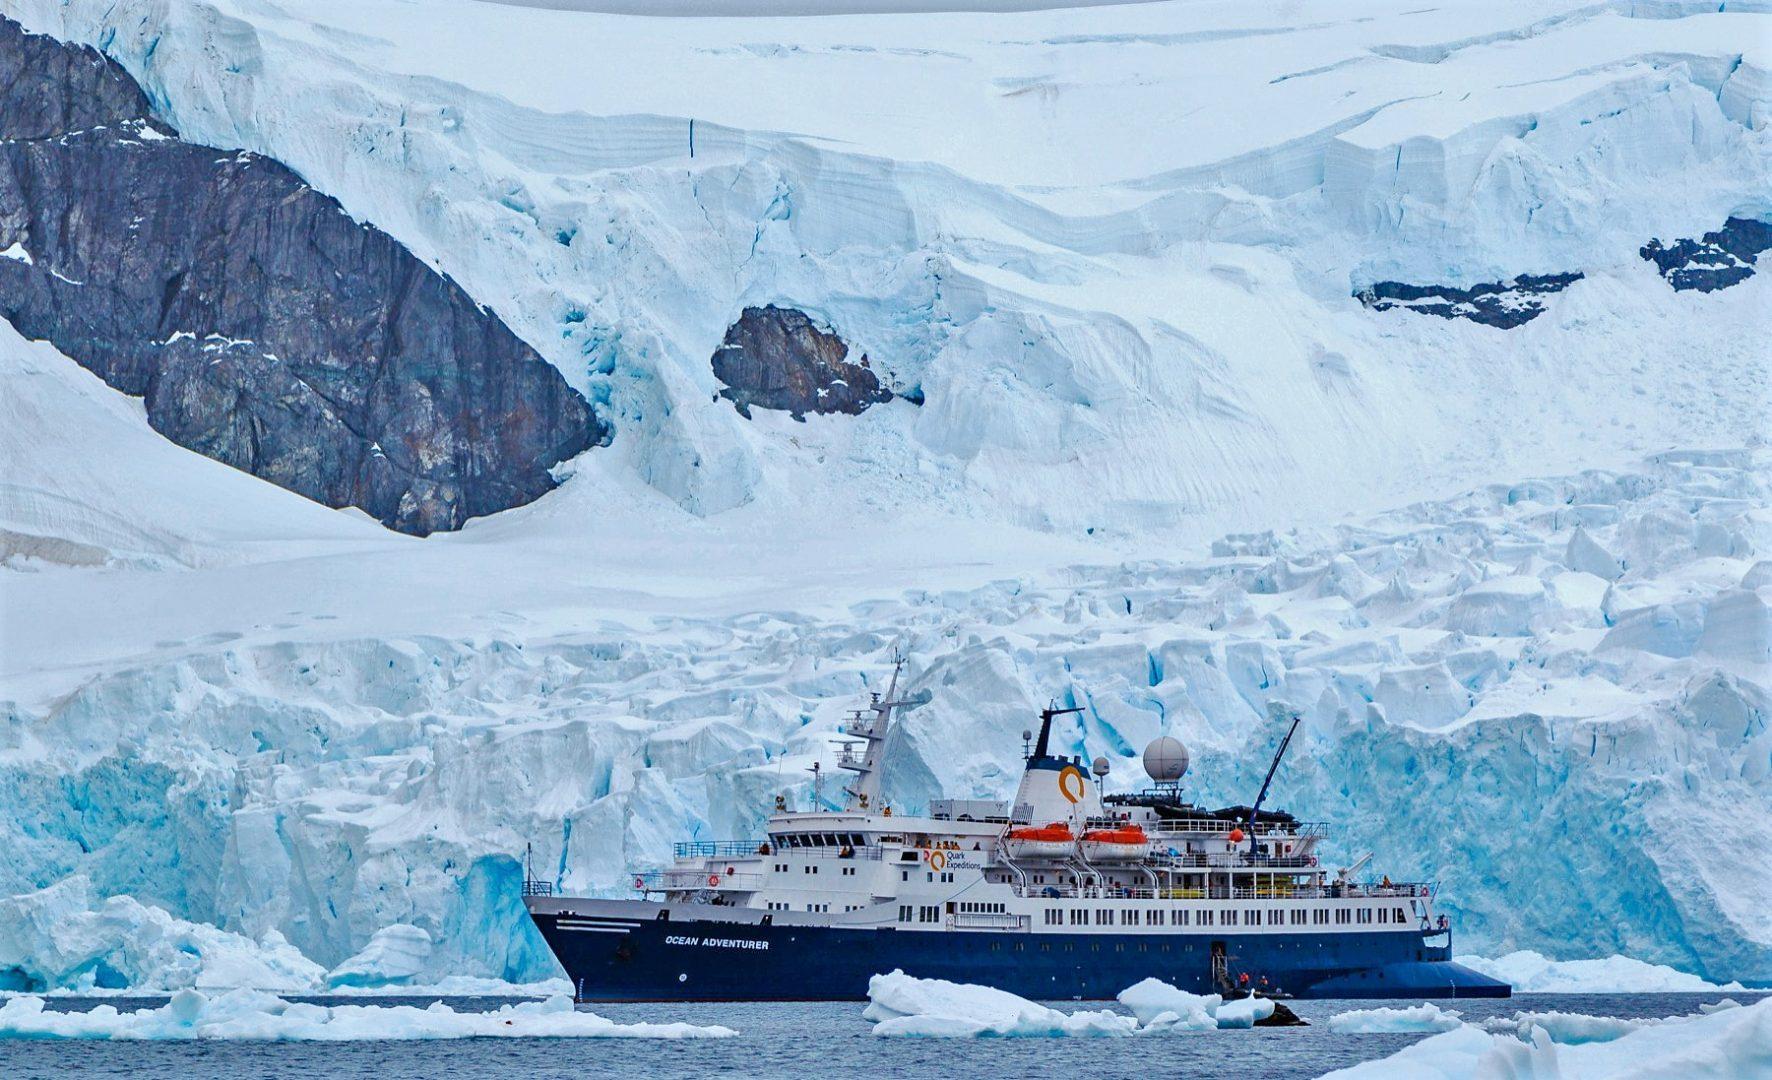 Connaitre la mer et les navires - chroniques et actu - Page 6 Ocean-Adventurer-Exterior-3-1772x1080